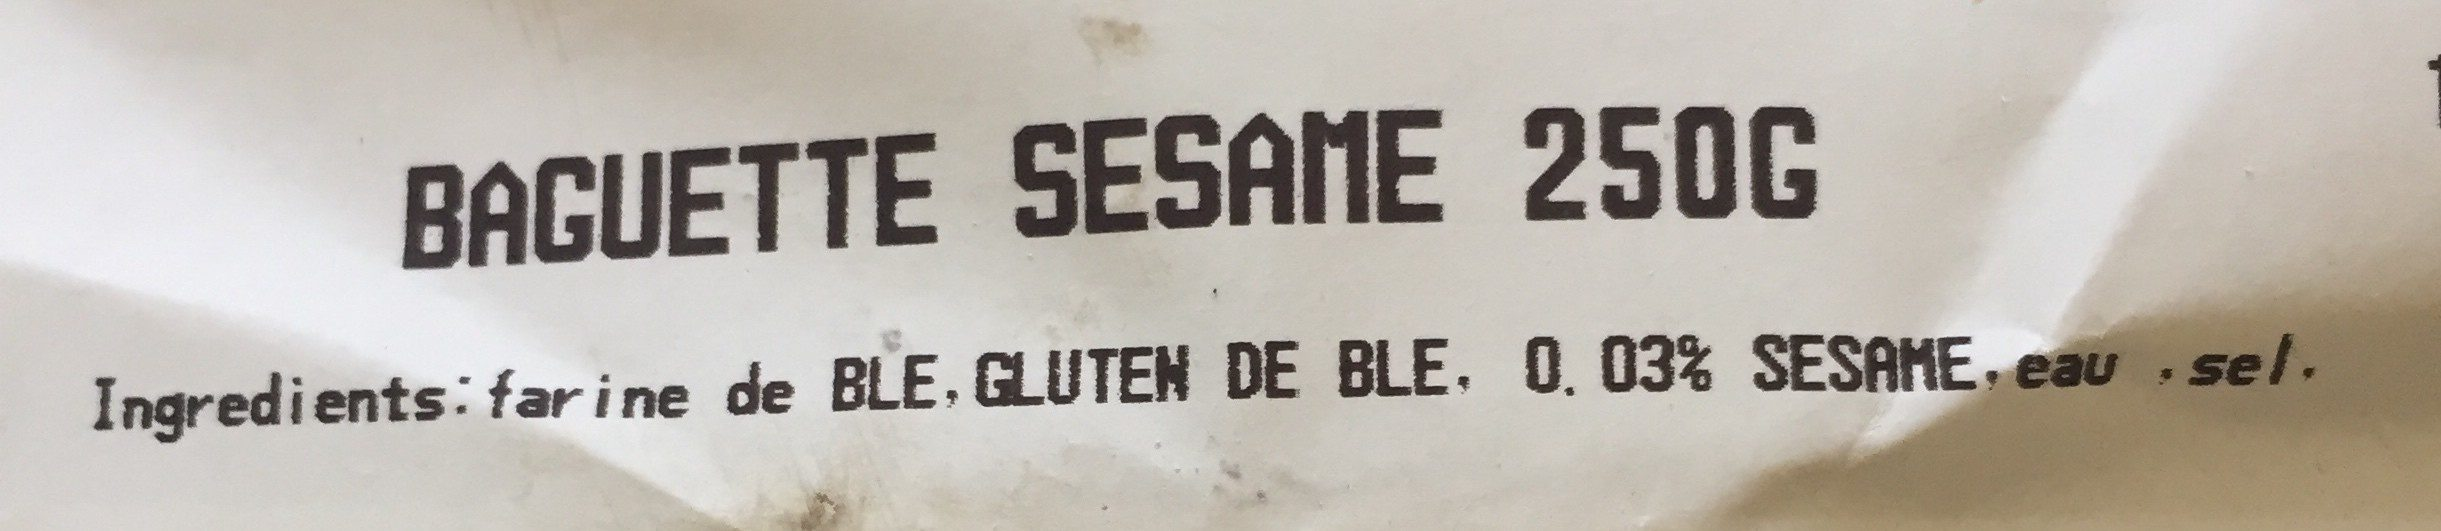 Baguette sesame - Ingrédients - fr